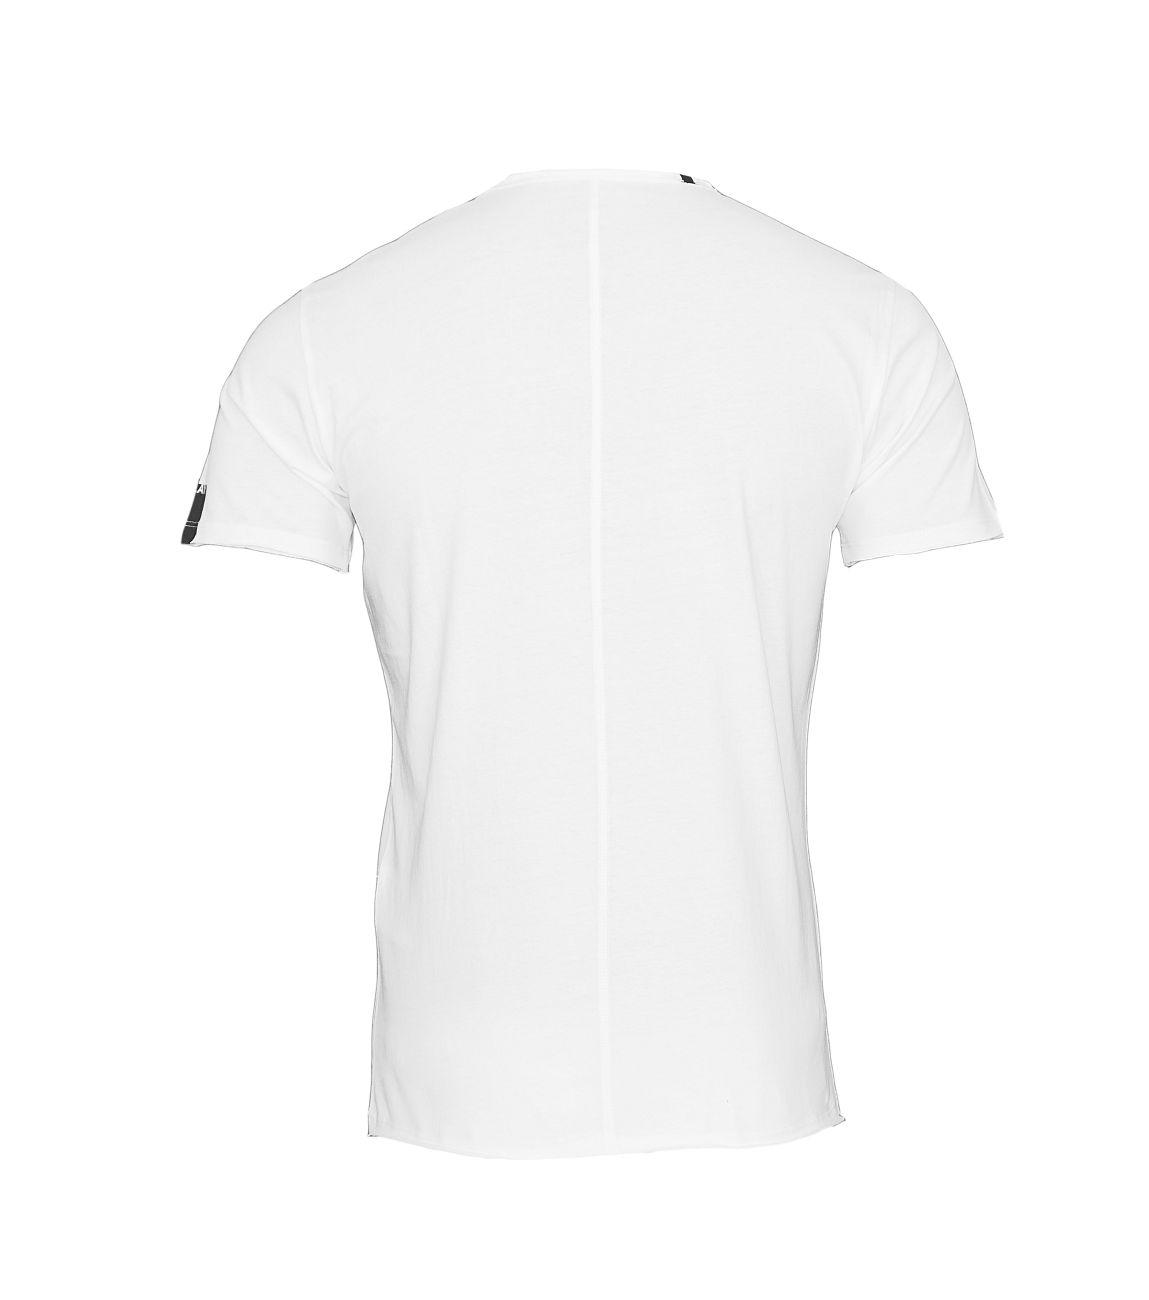 Replay T-Shirt Shirt V-Ausschnitt M3591.000 2660.001 white S18-RPT4